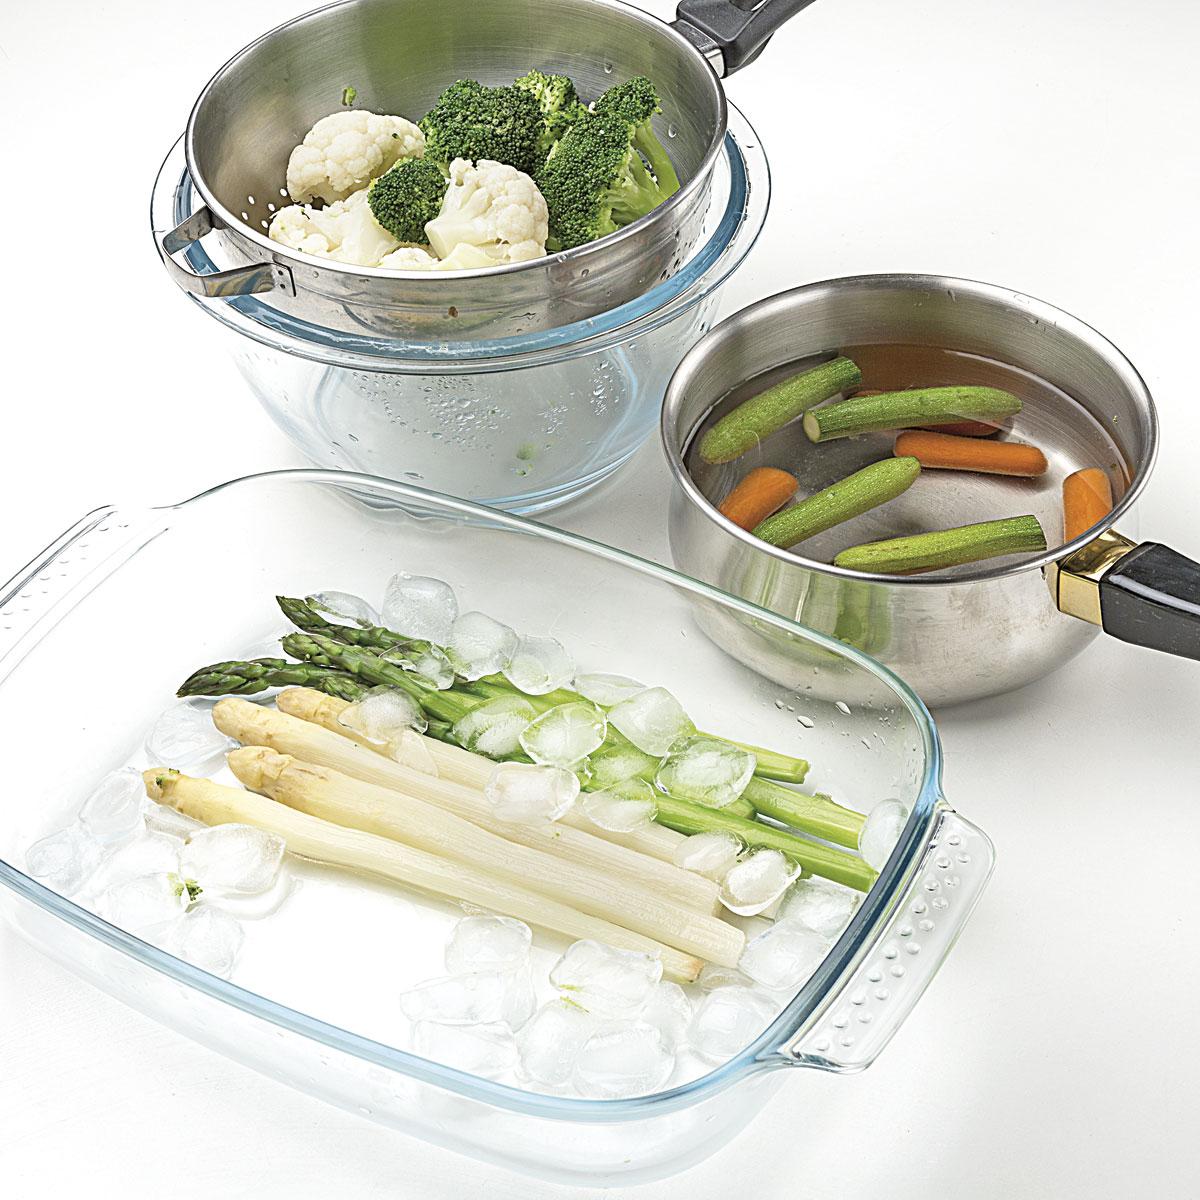 Recetas ideas interesantes y trucos de cocina semana - Como preparar menestra de verduras ...